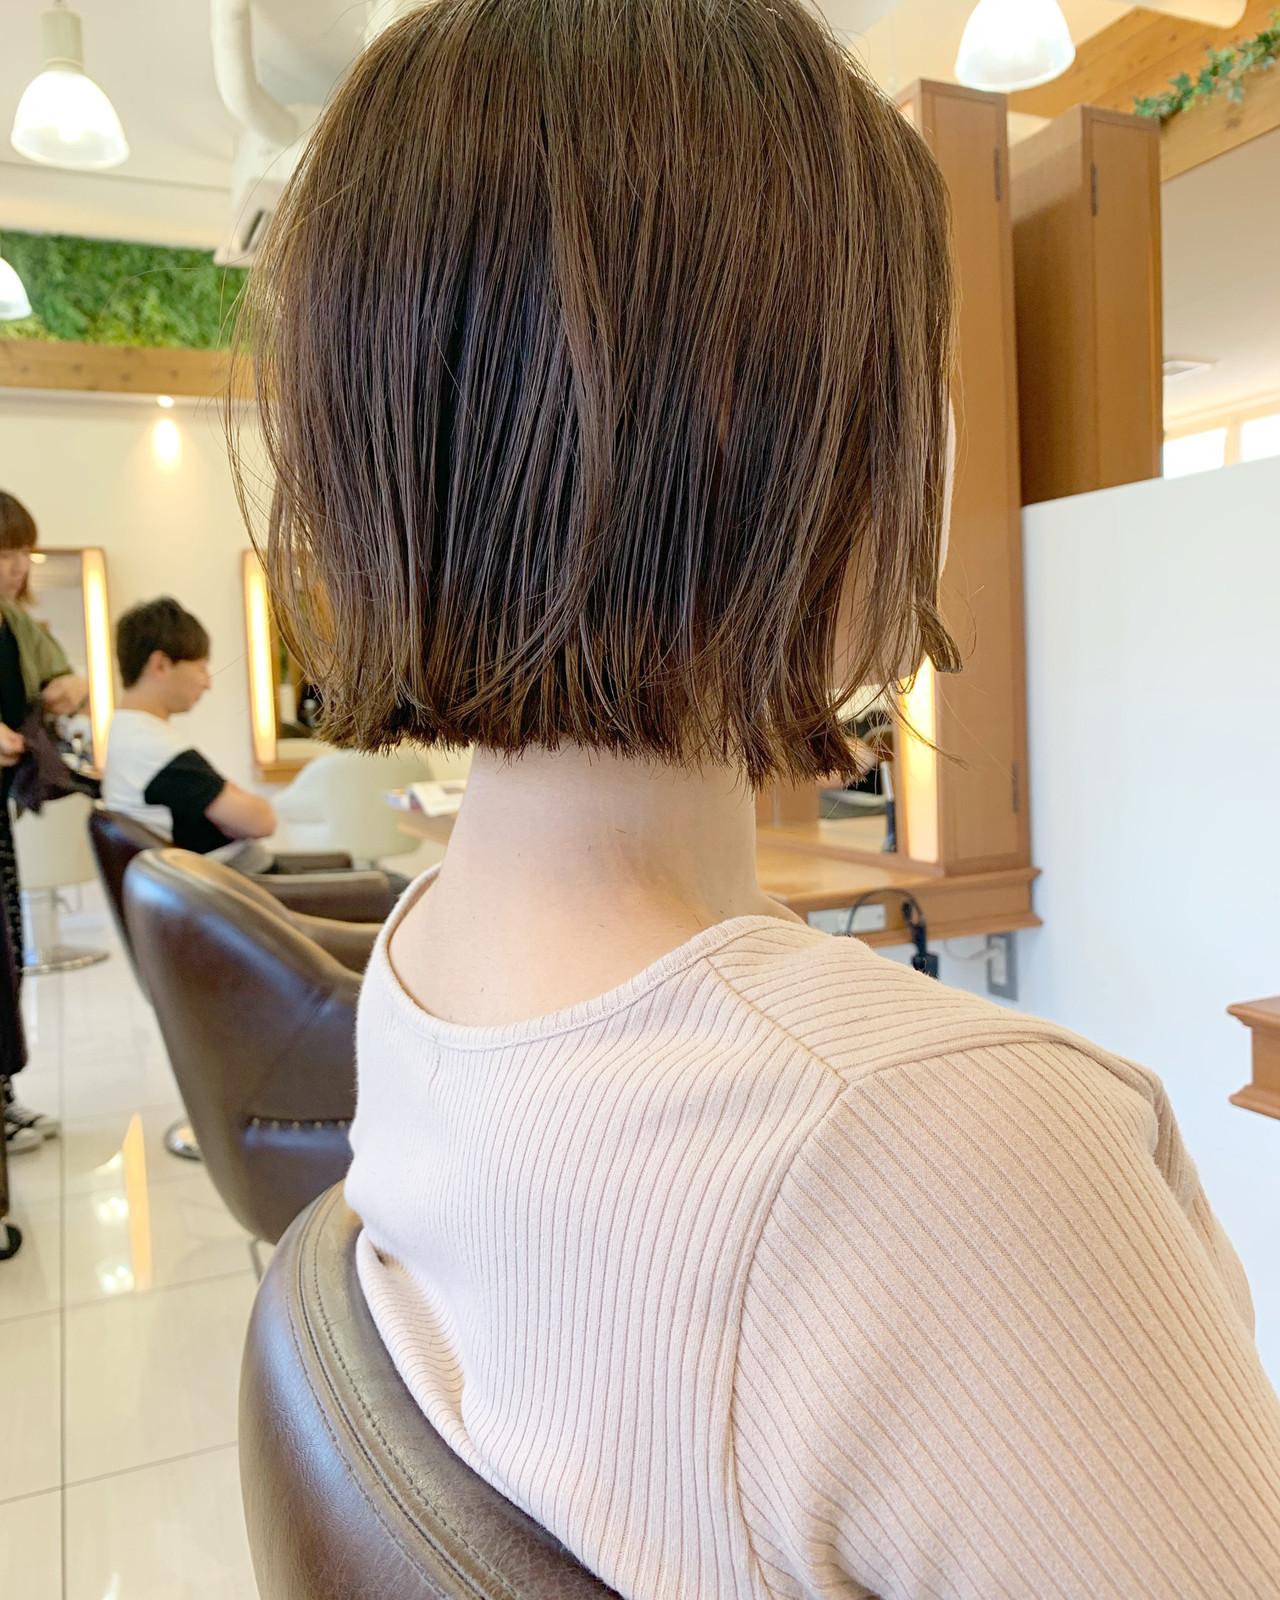 ショート ミニボブ 簡単ヘアアレンジ 大人可愛い ヘアスタイルや髪型の写真・画像